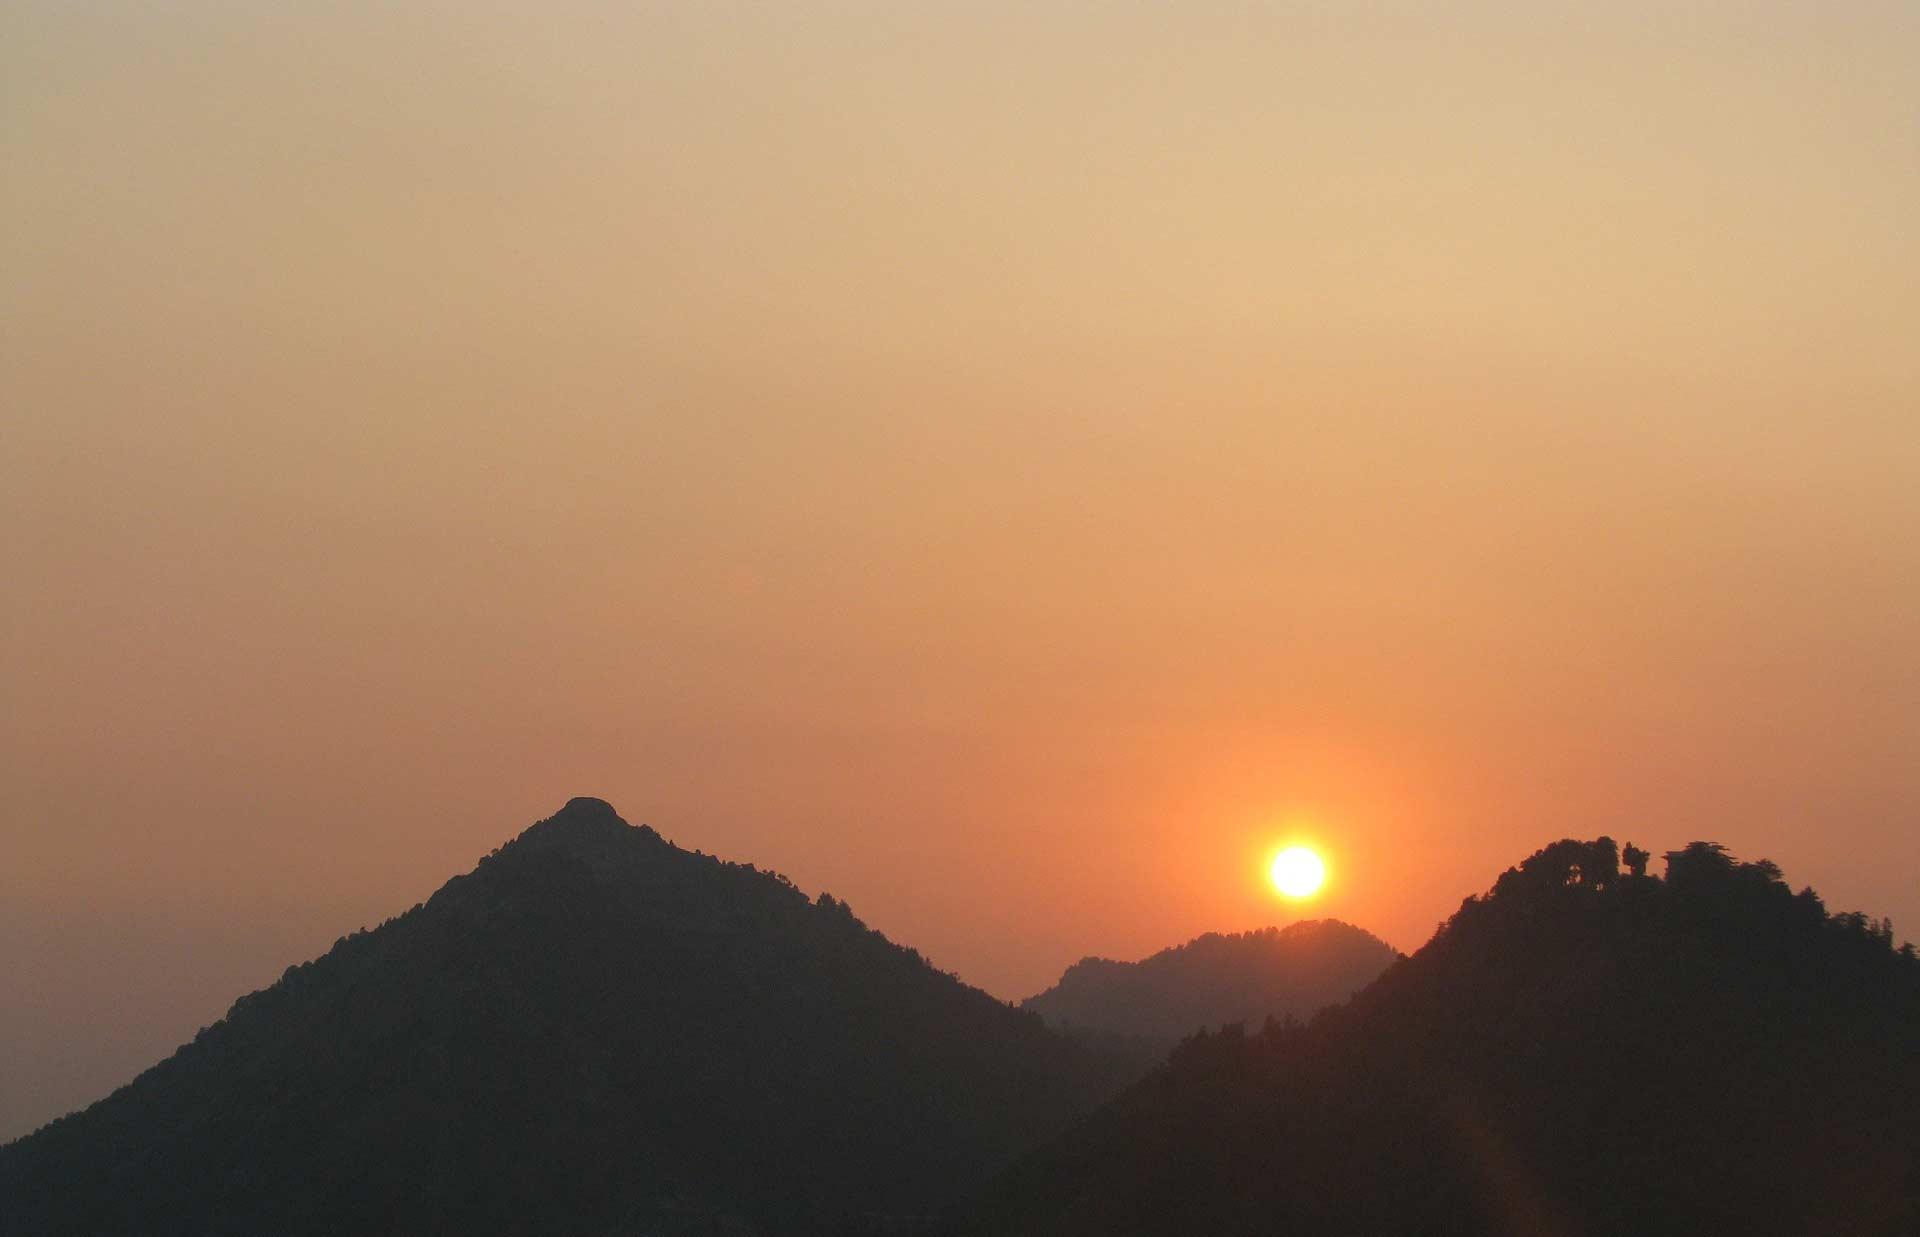 Rupin Supin Himachal Pradesh Trekking Adventure Himalayas